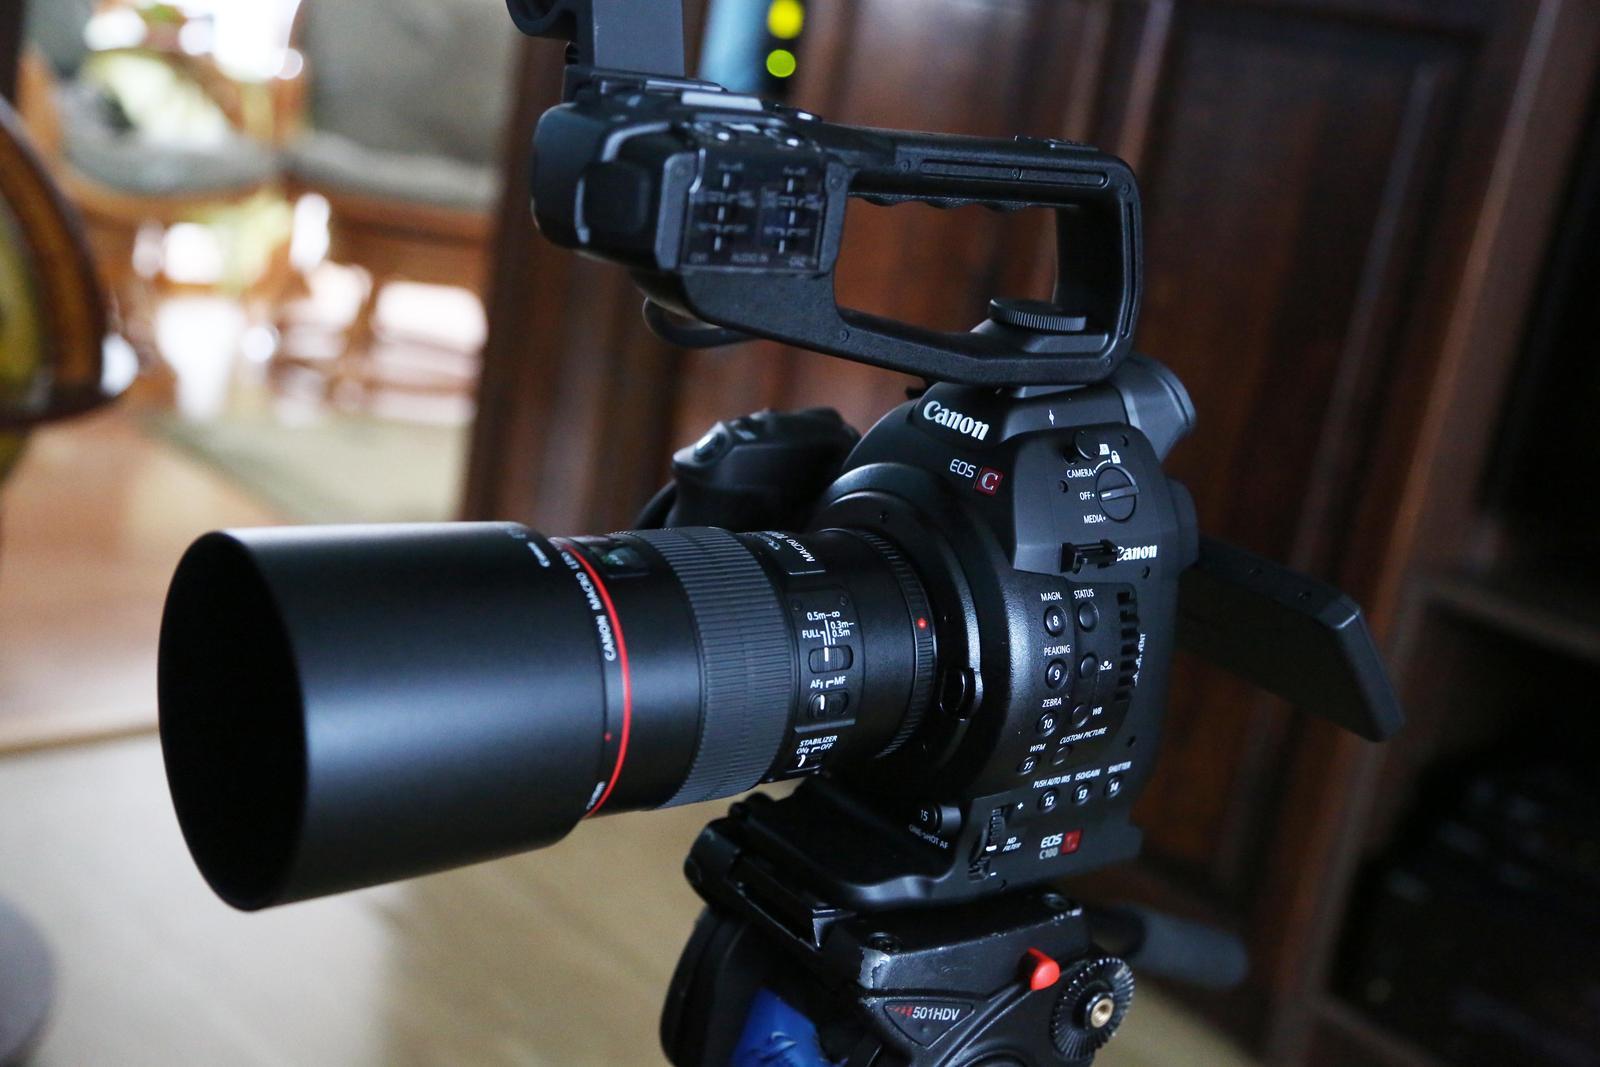 videostudiojarka - Pre rok 2015 nové kamery Canon C 100 sú zárukou tej najvyššiej kvality .